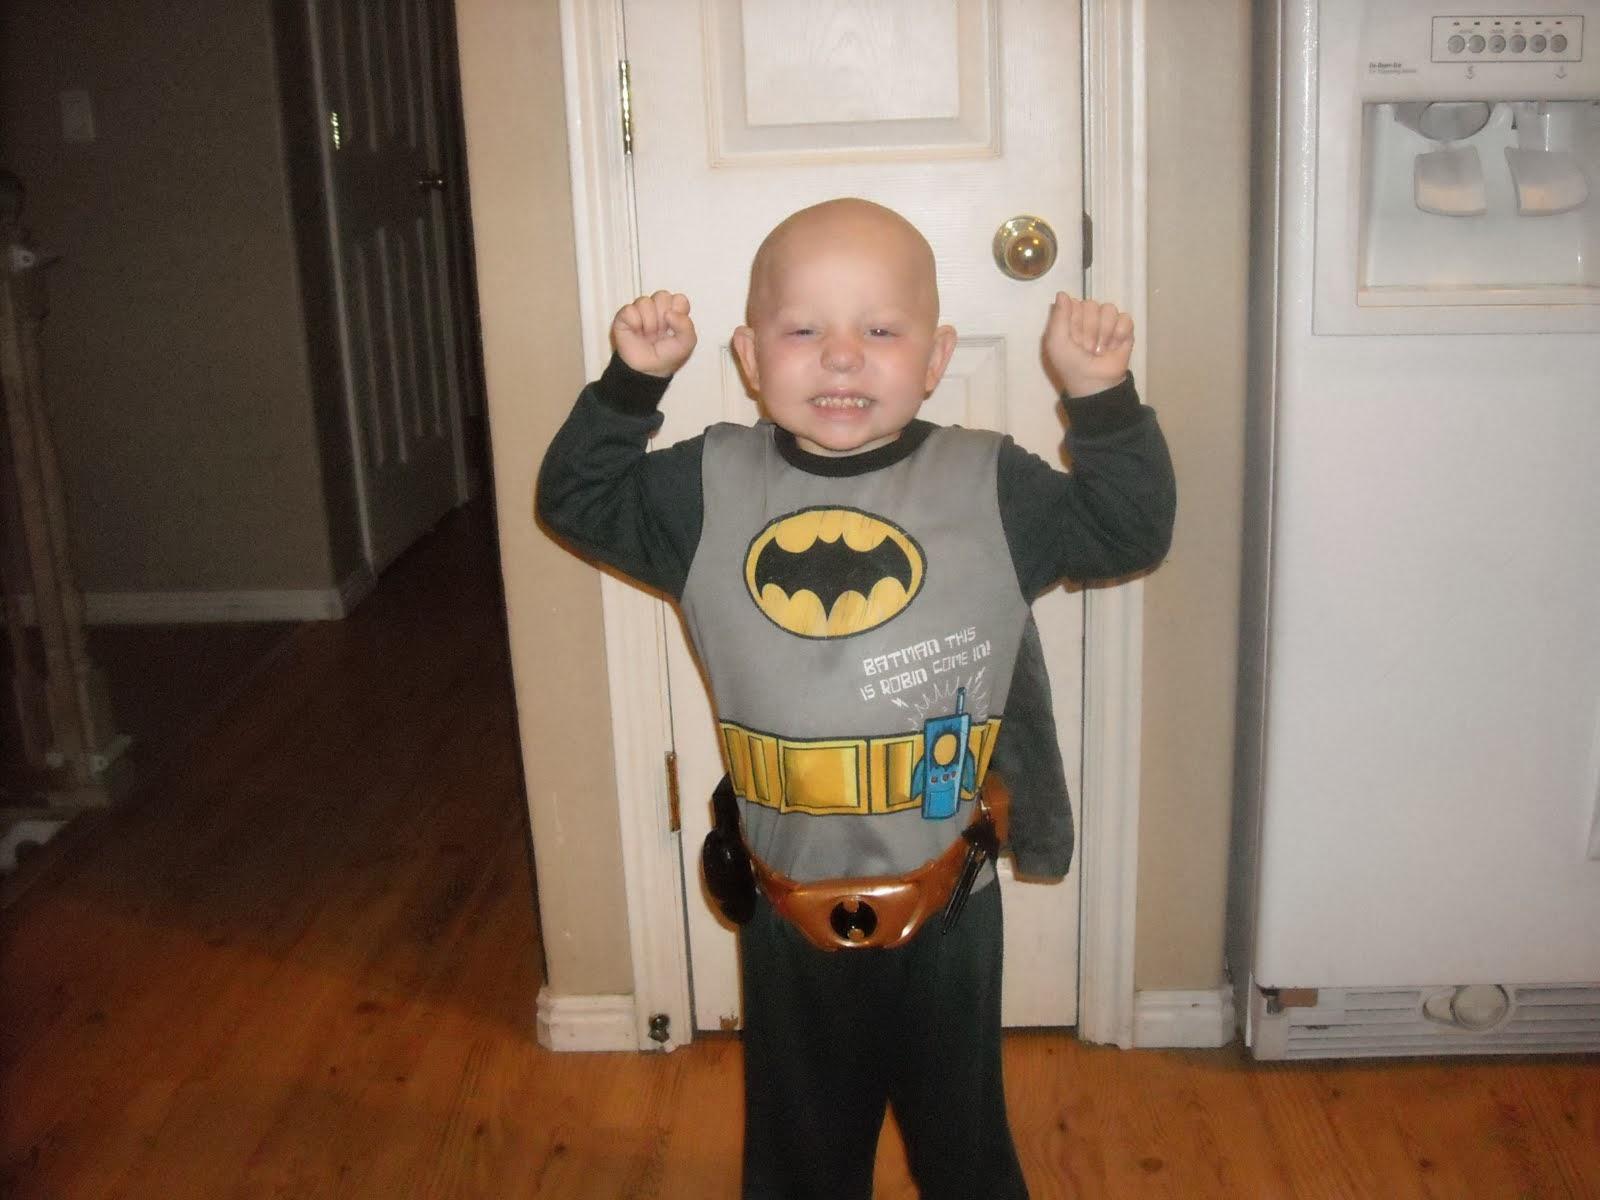 Our superhero!